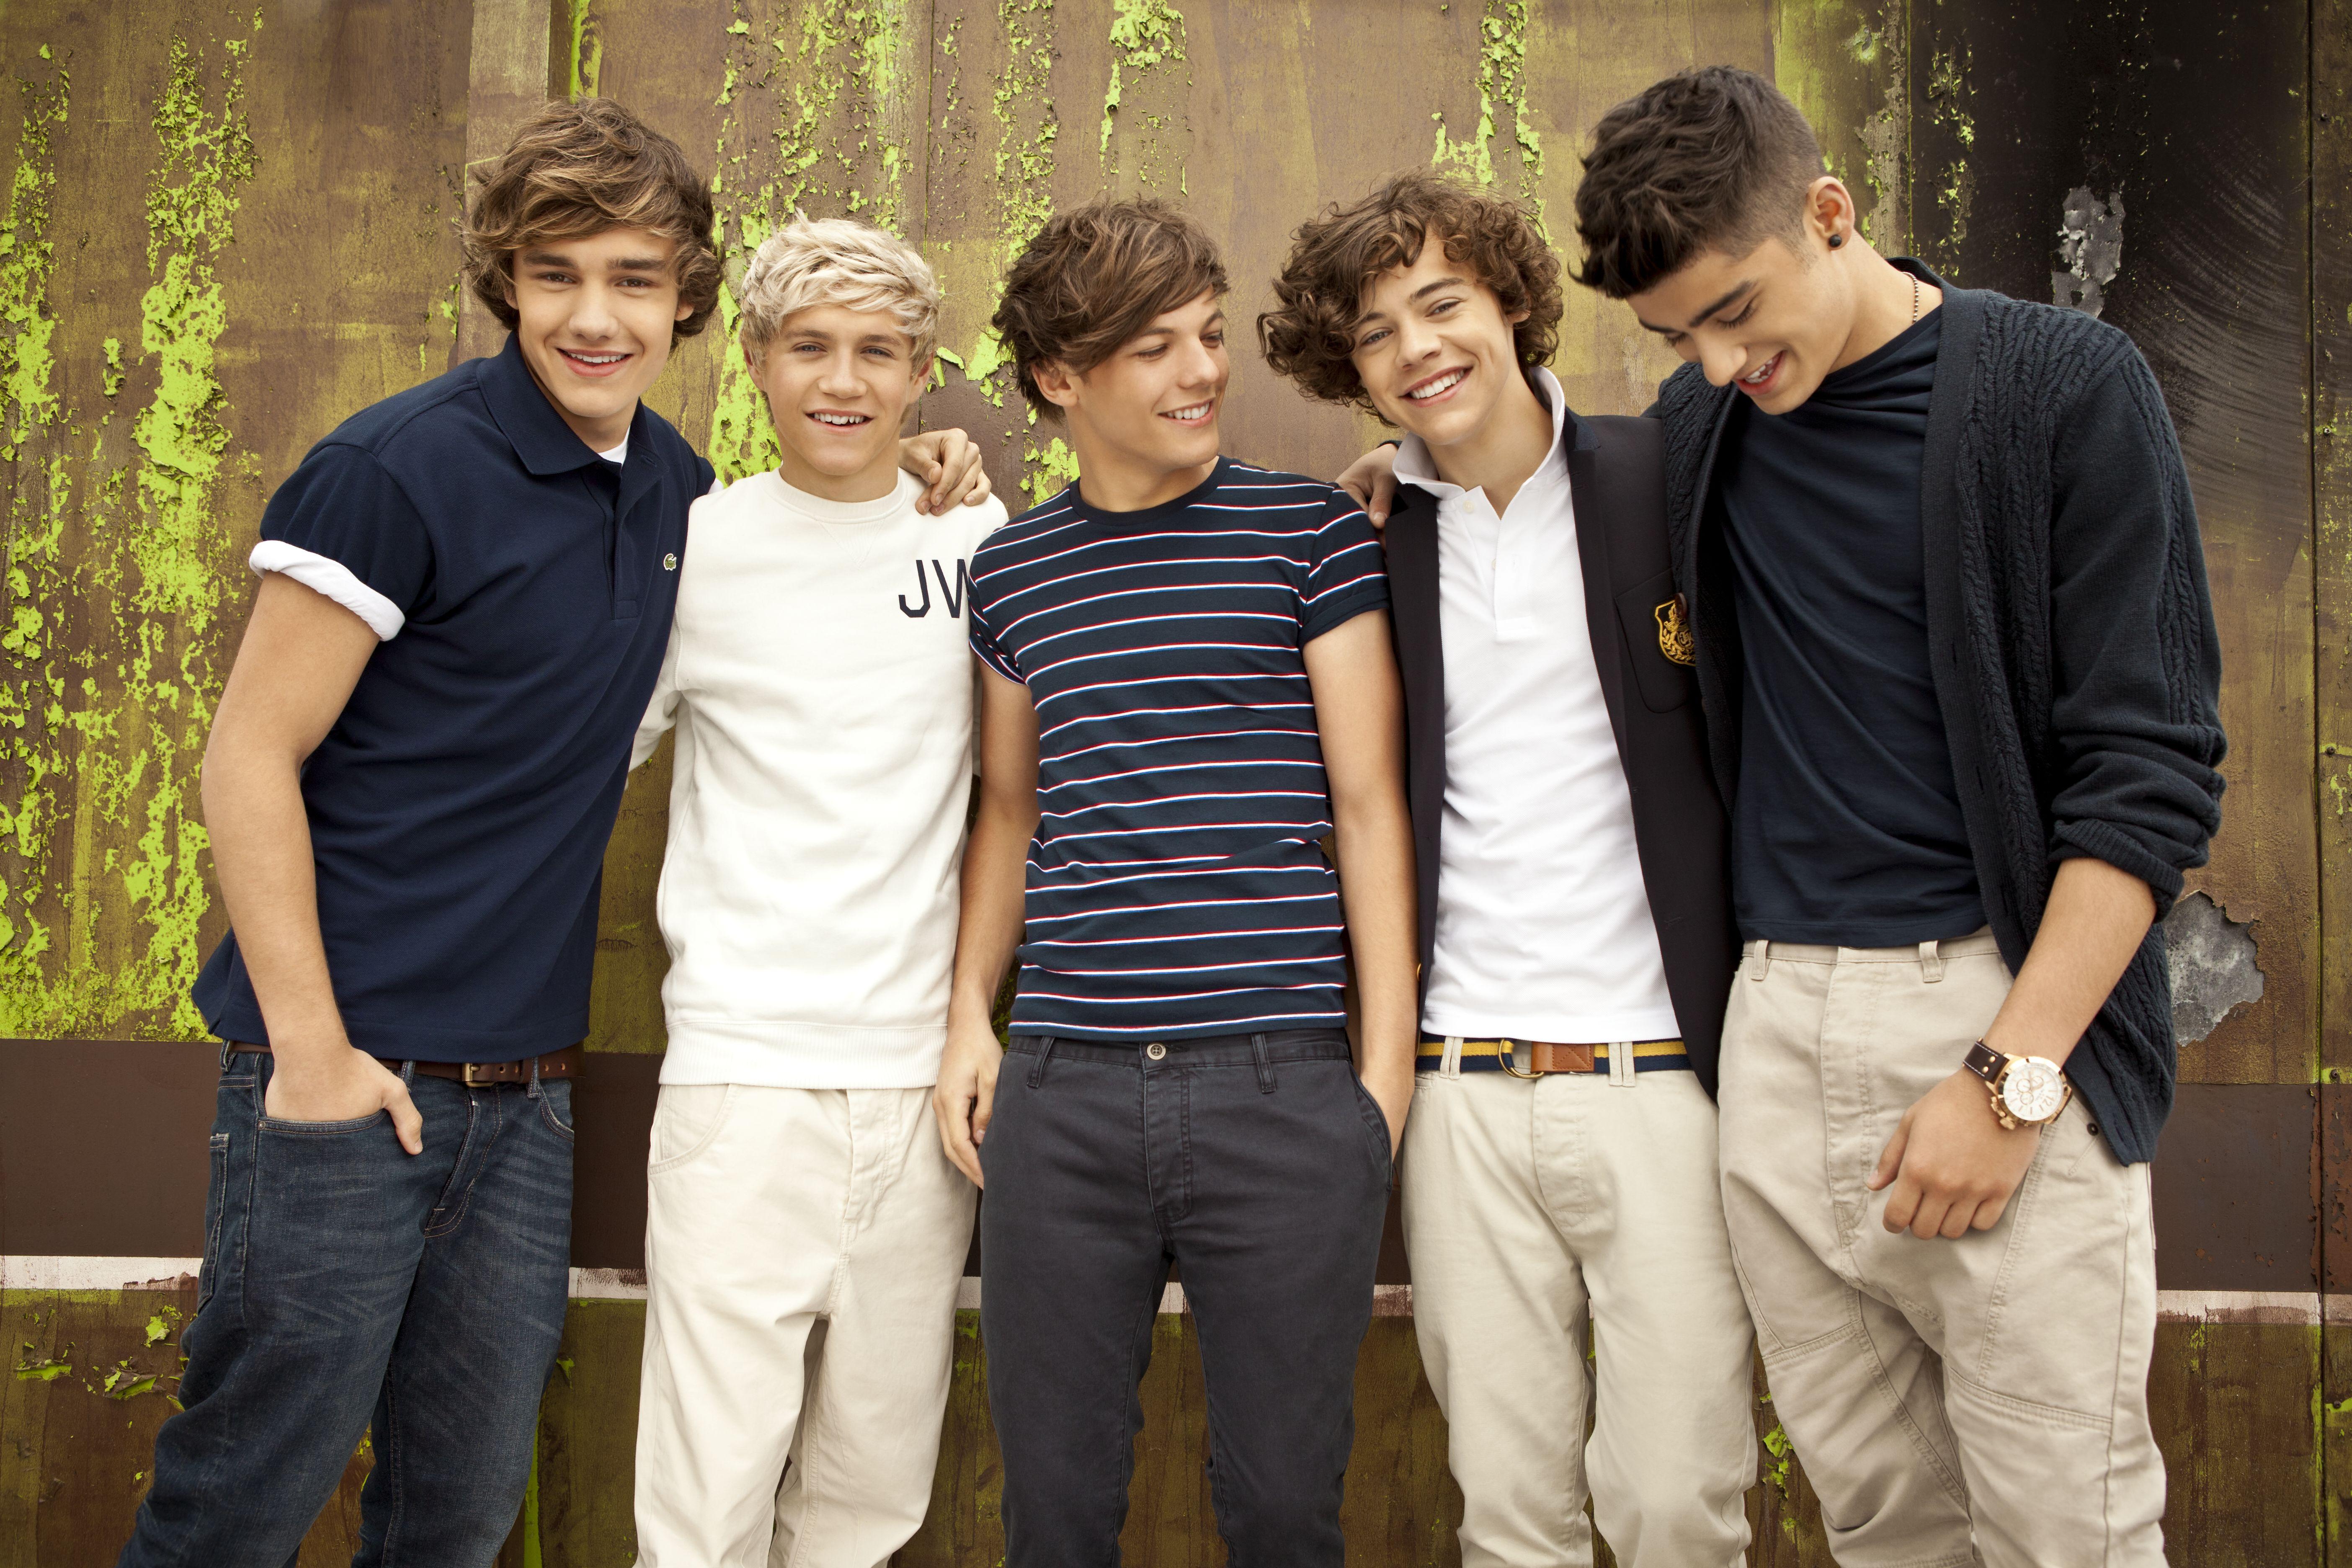 One Direction фотография 14.  Исполнители.  Концерты.  Клубы.  One Direction.